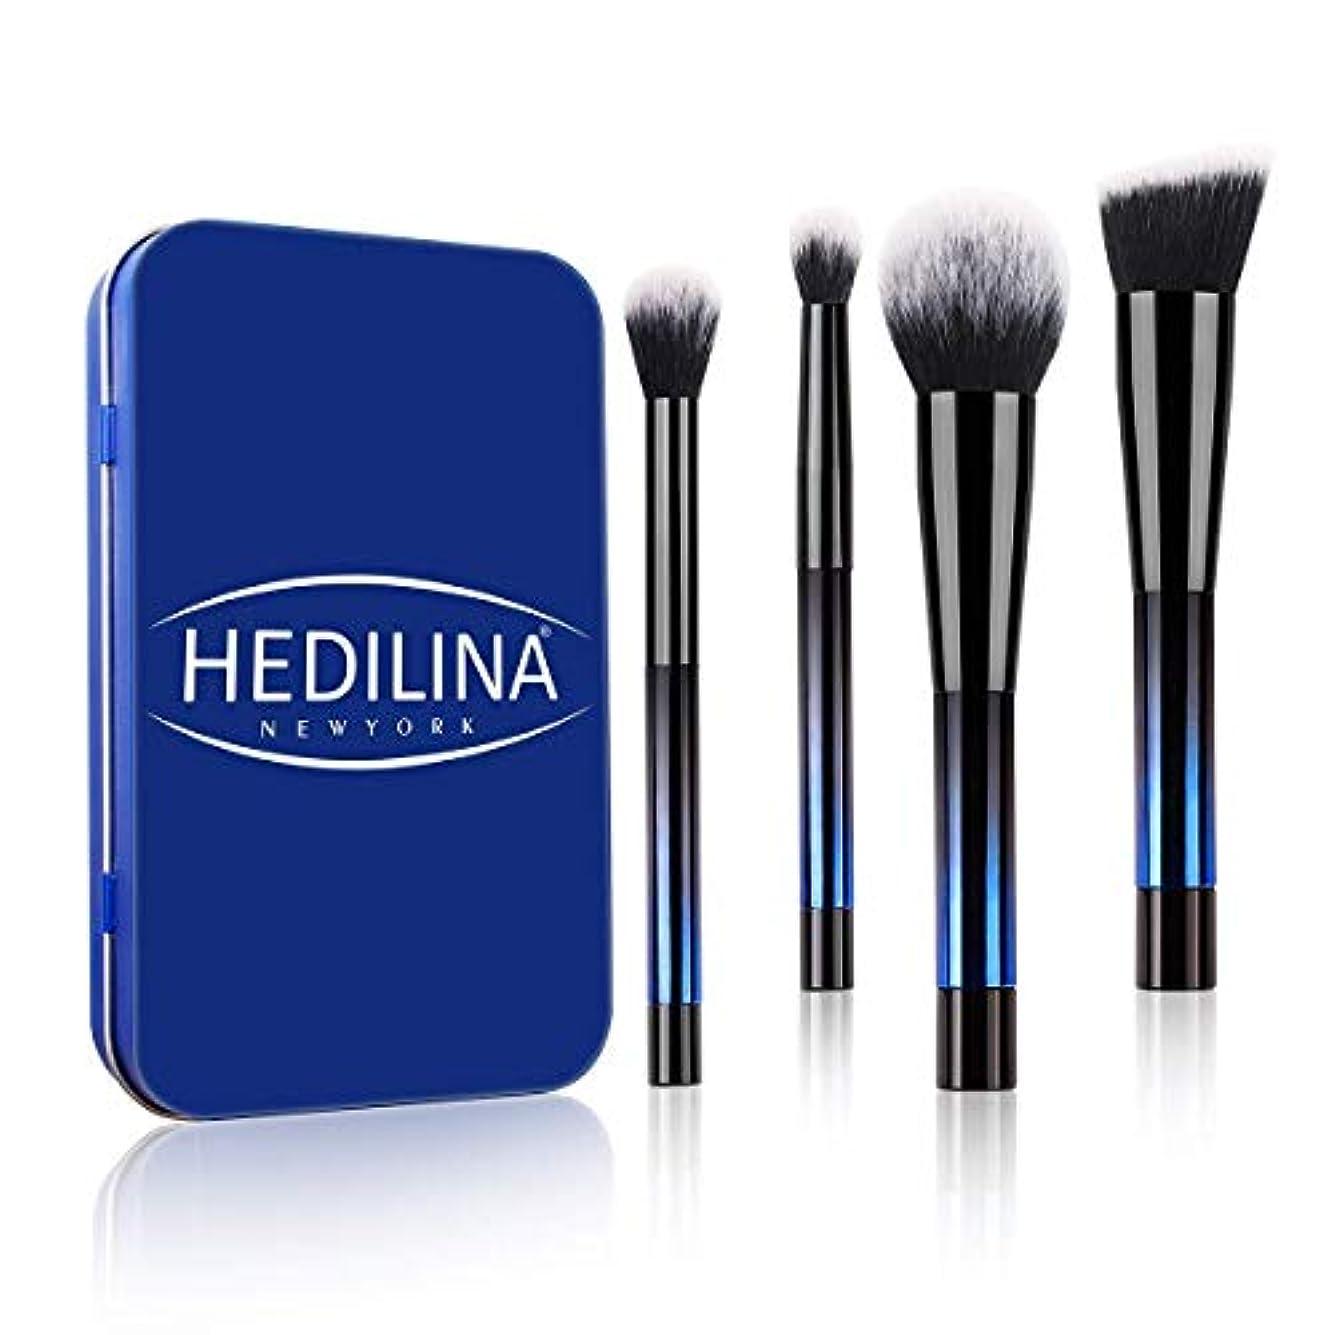 ステンレス意志消去HEDILINA メイクアップブラシ 4本セット アイブラシ 高級繊維毛 ケース付き 旅行/出張用 ポータブル